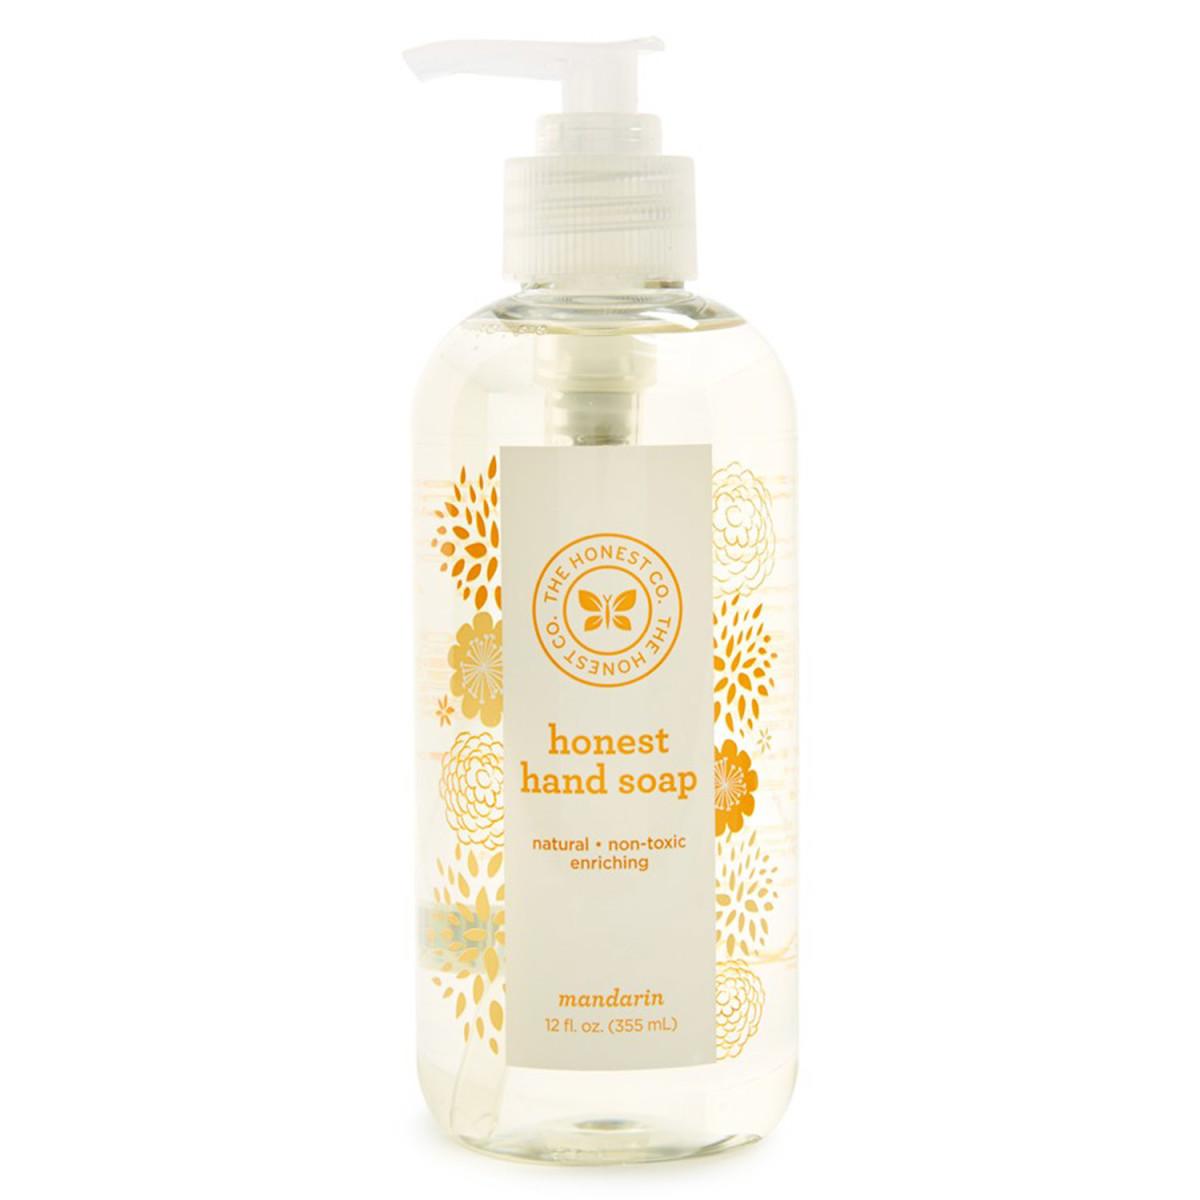 The Honest Company Hand Soap